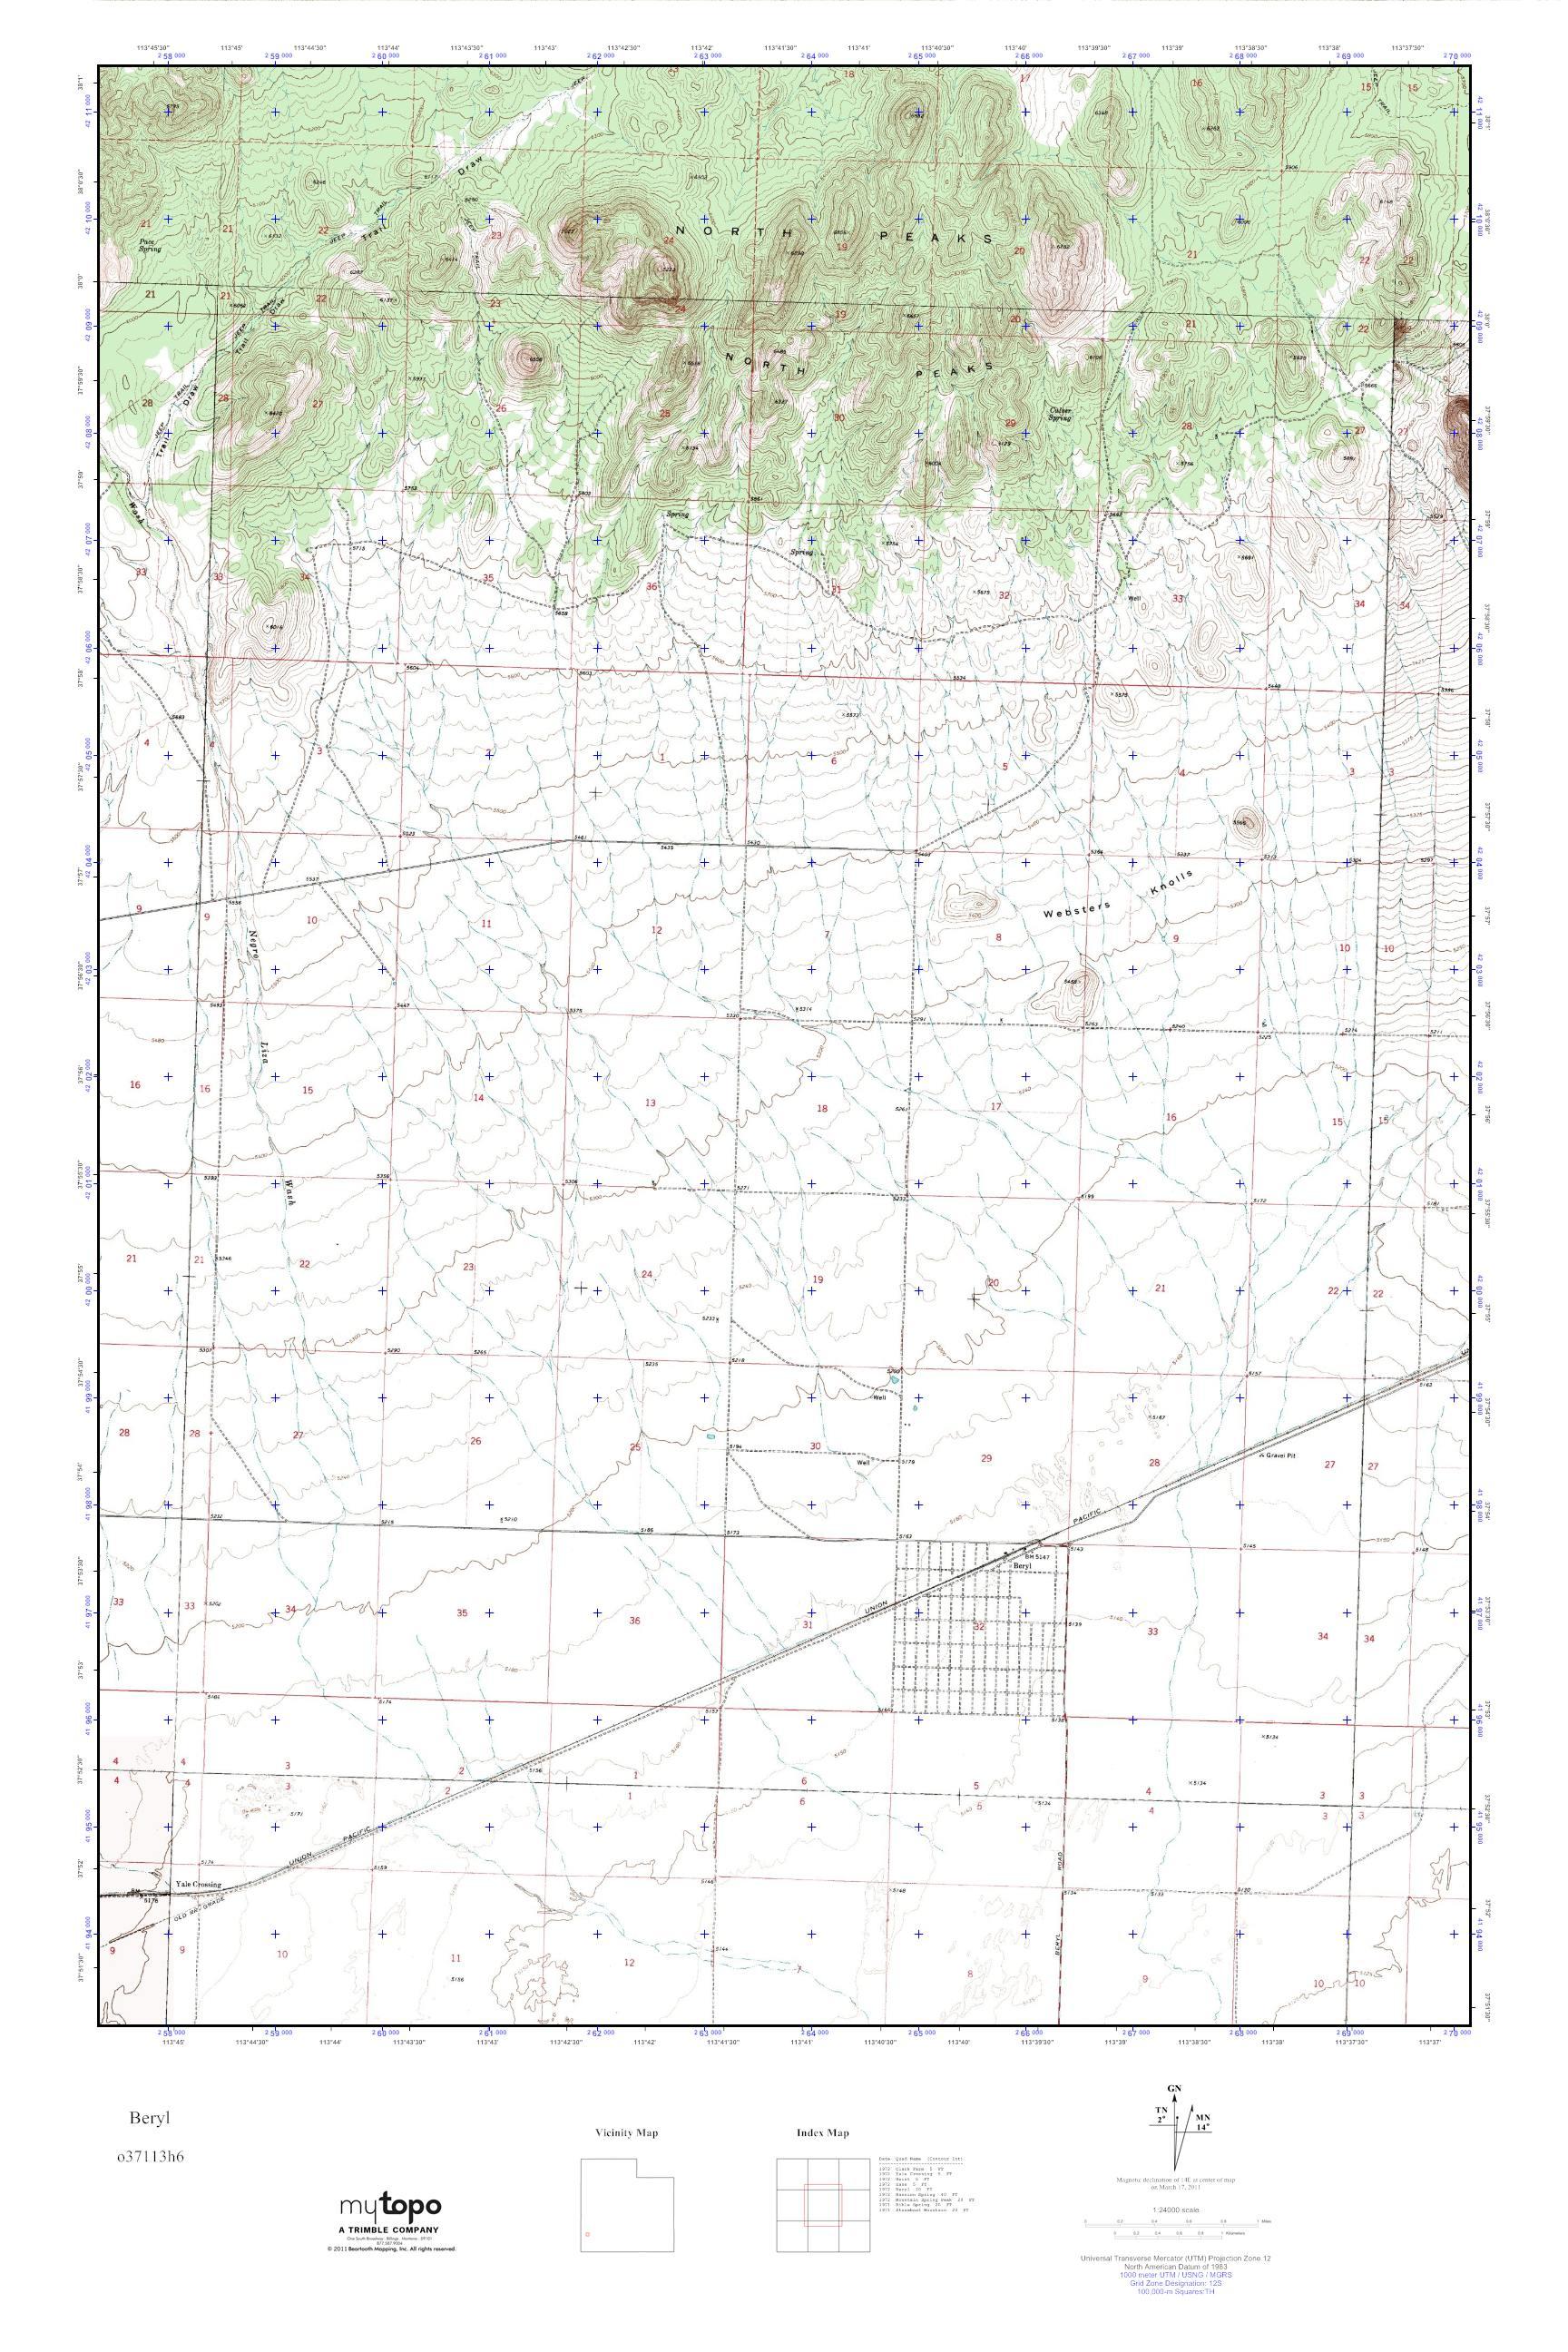 Beryl Utah Map.Mytopo Beryl Utah Usgs Quad Topo Map